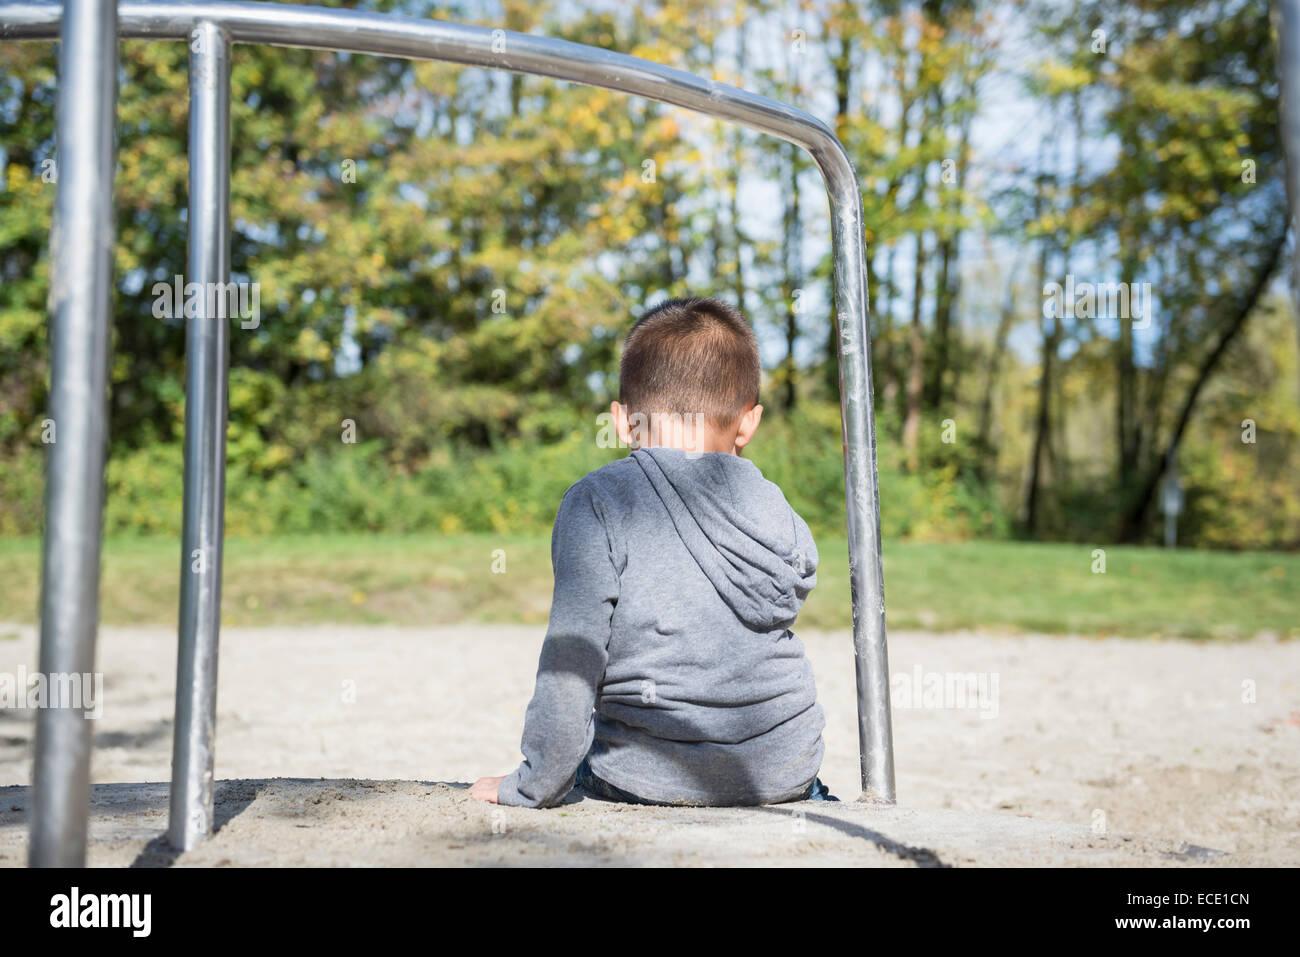 Kleine einsame junge sitzt alleine auf Spielplatz Stockbild